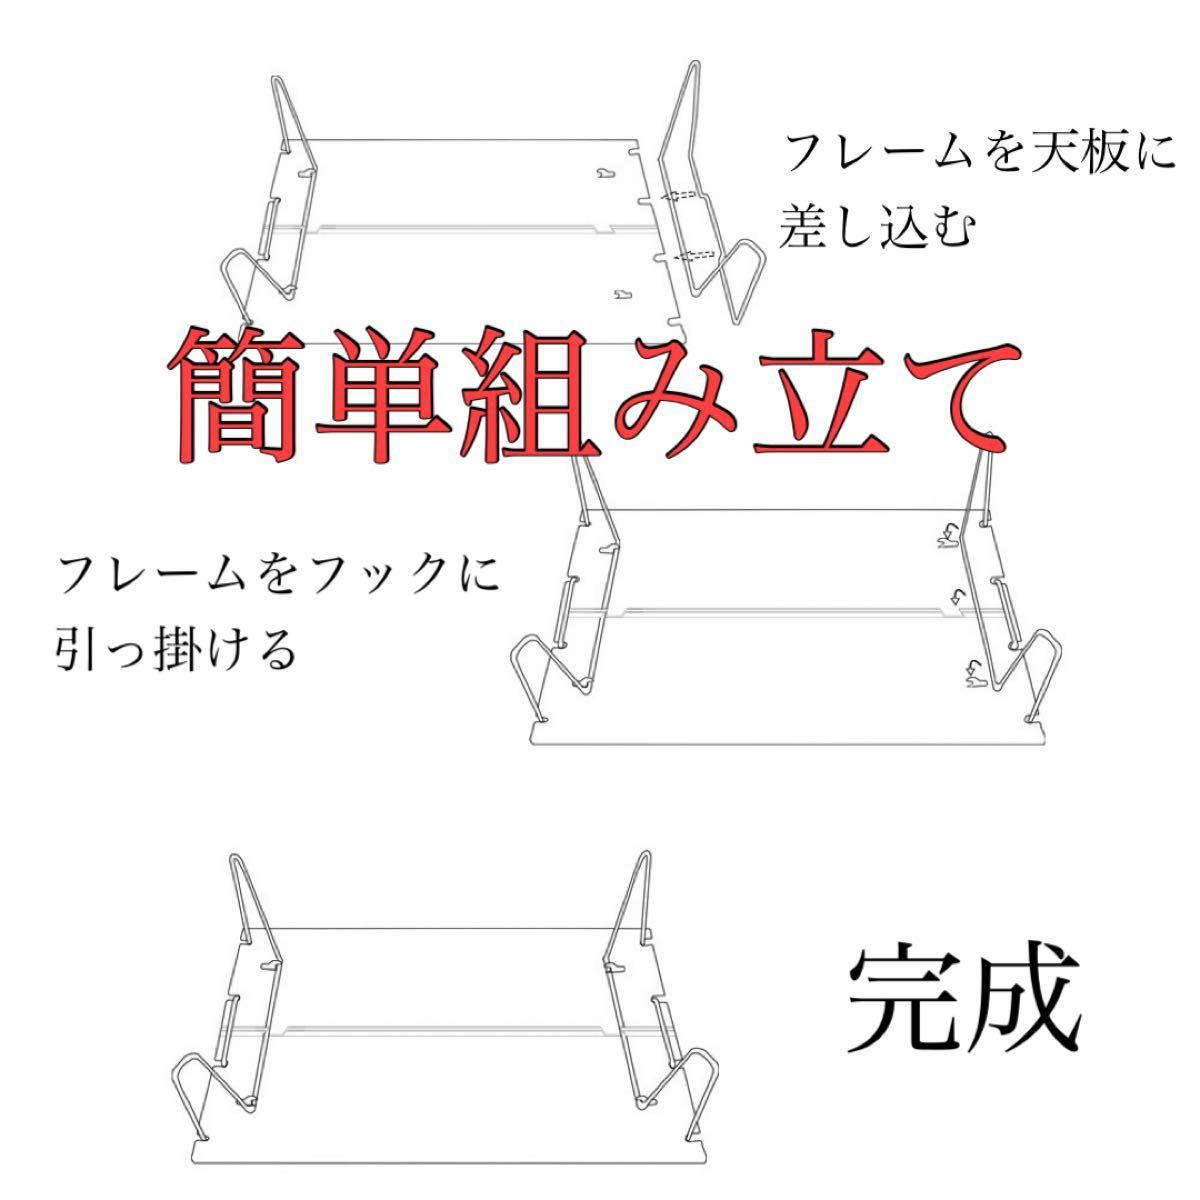 コンパクト アルミ テーブル 折り畳み 収納袋付き 軽量 ソロキャンプ